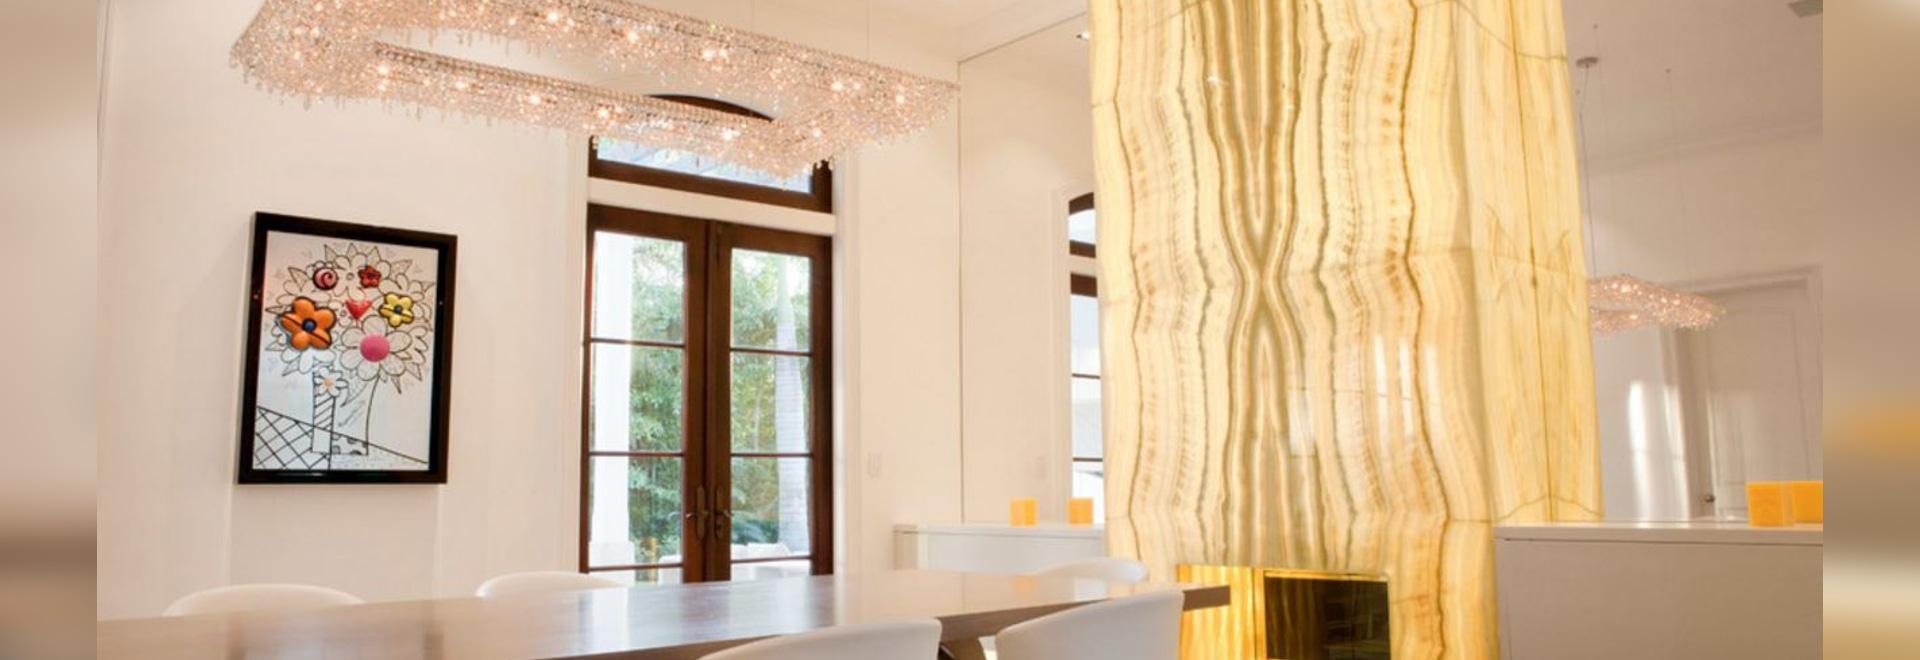 Kristallleuchter Artikoi und des Fjords in einem privaten Wohnsitz